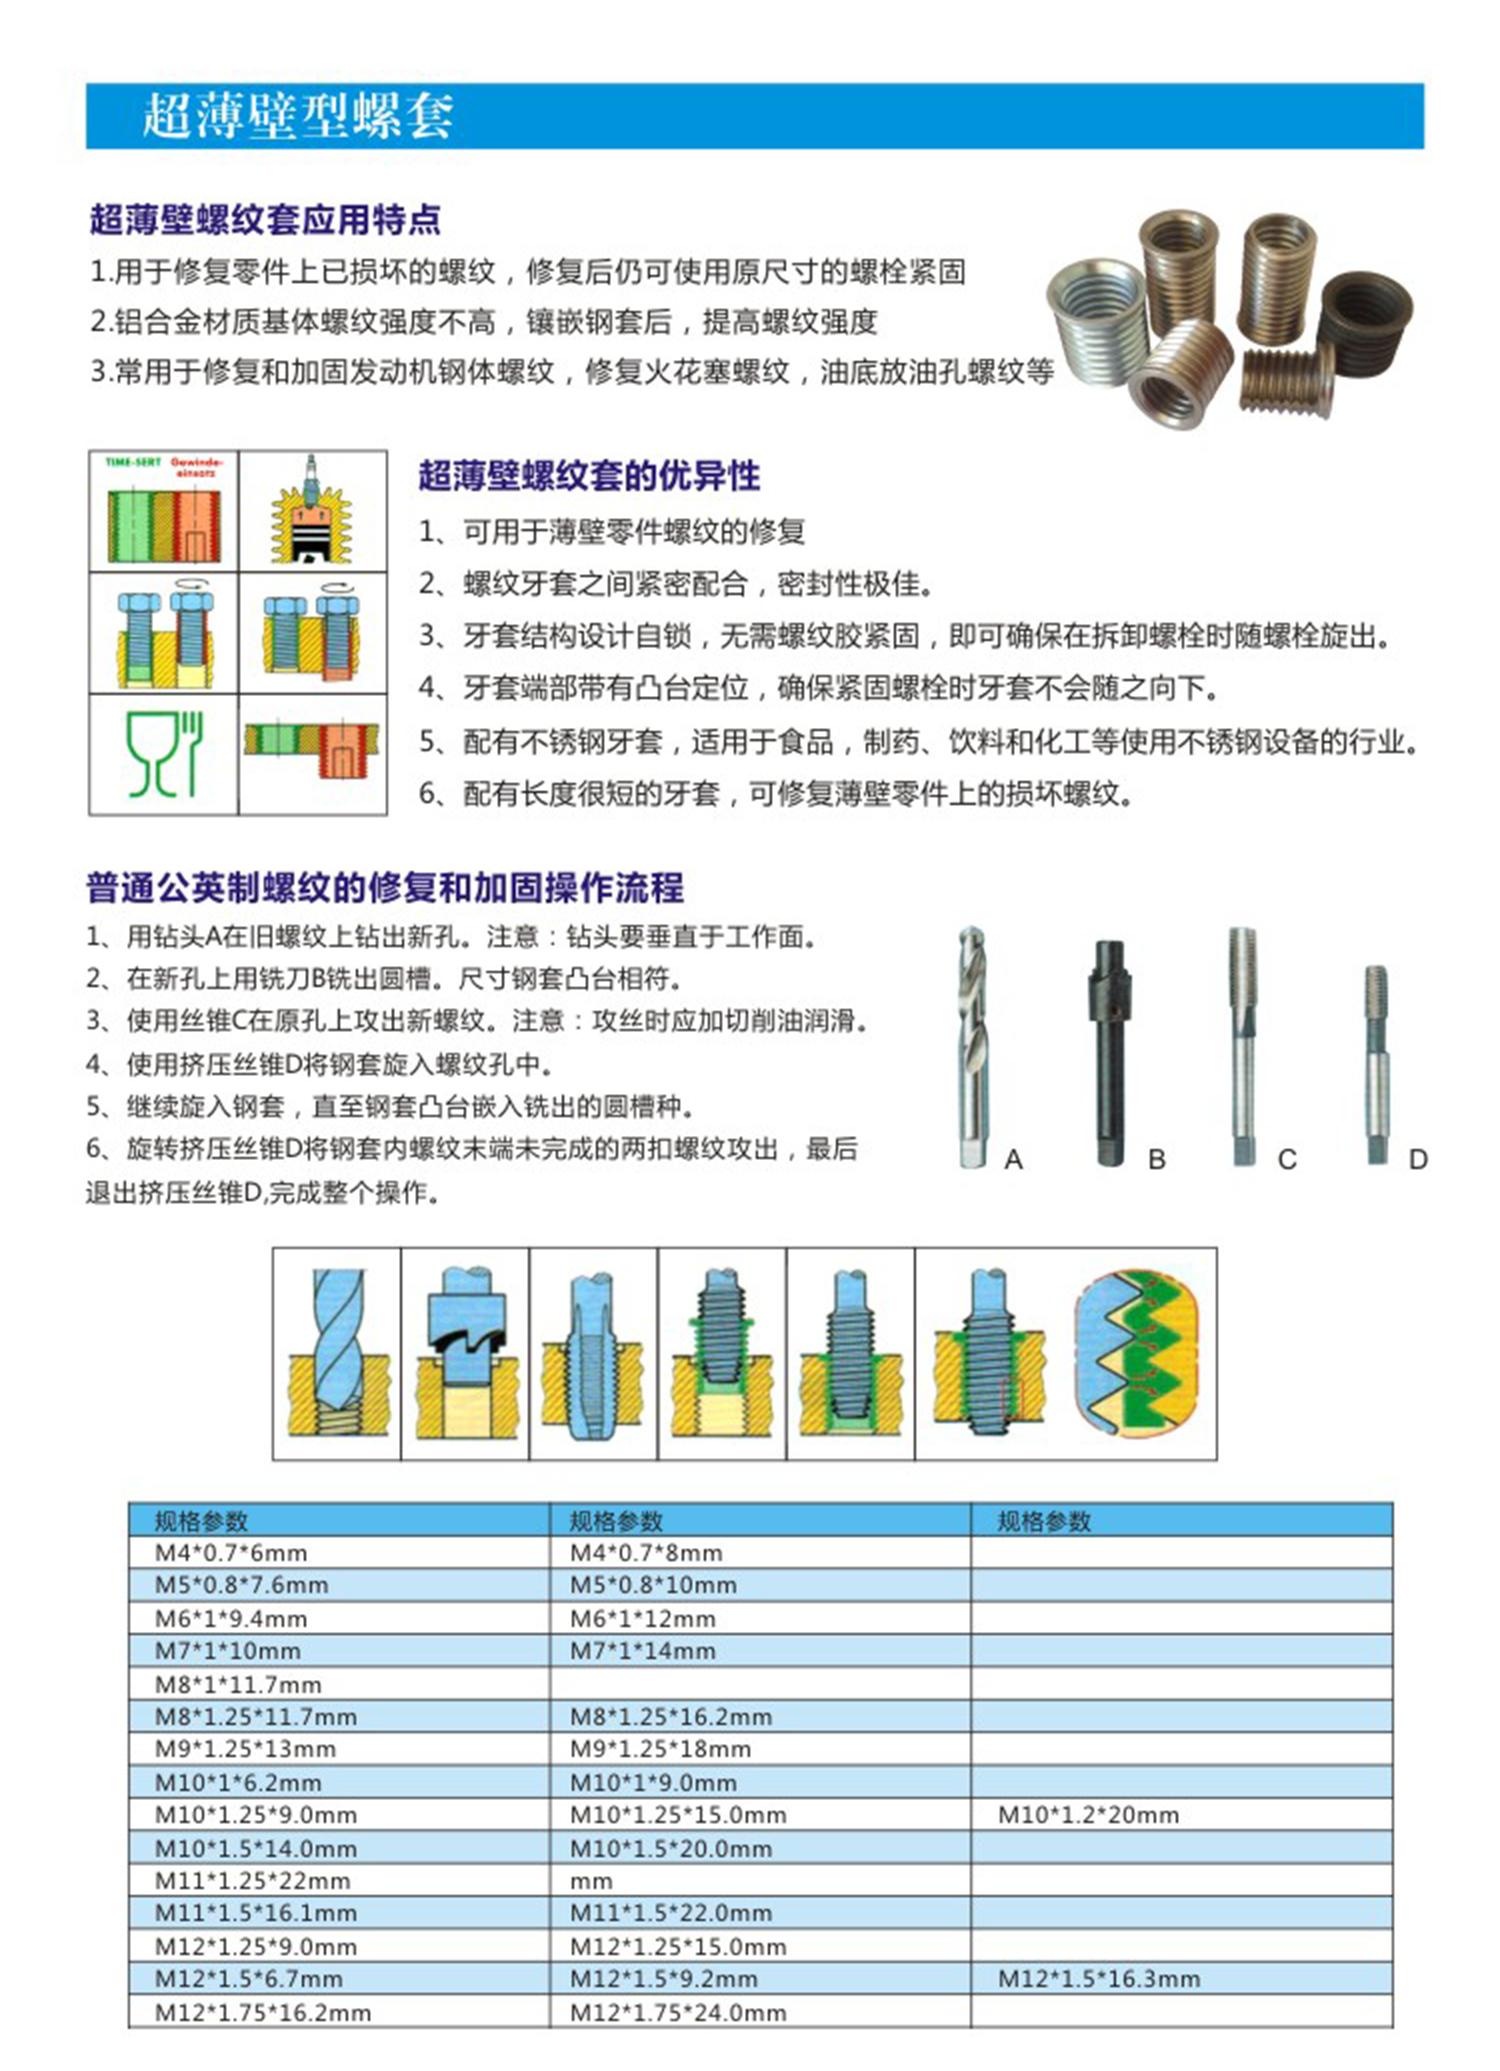 超薄壁型螺套产品详情.png